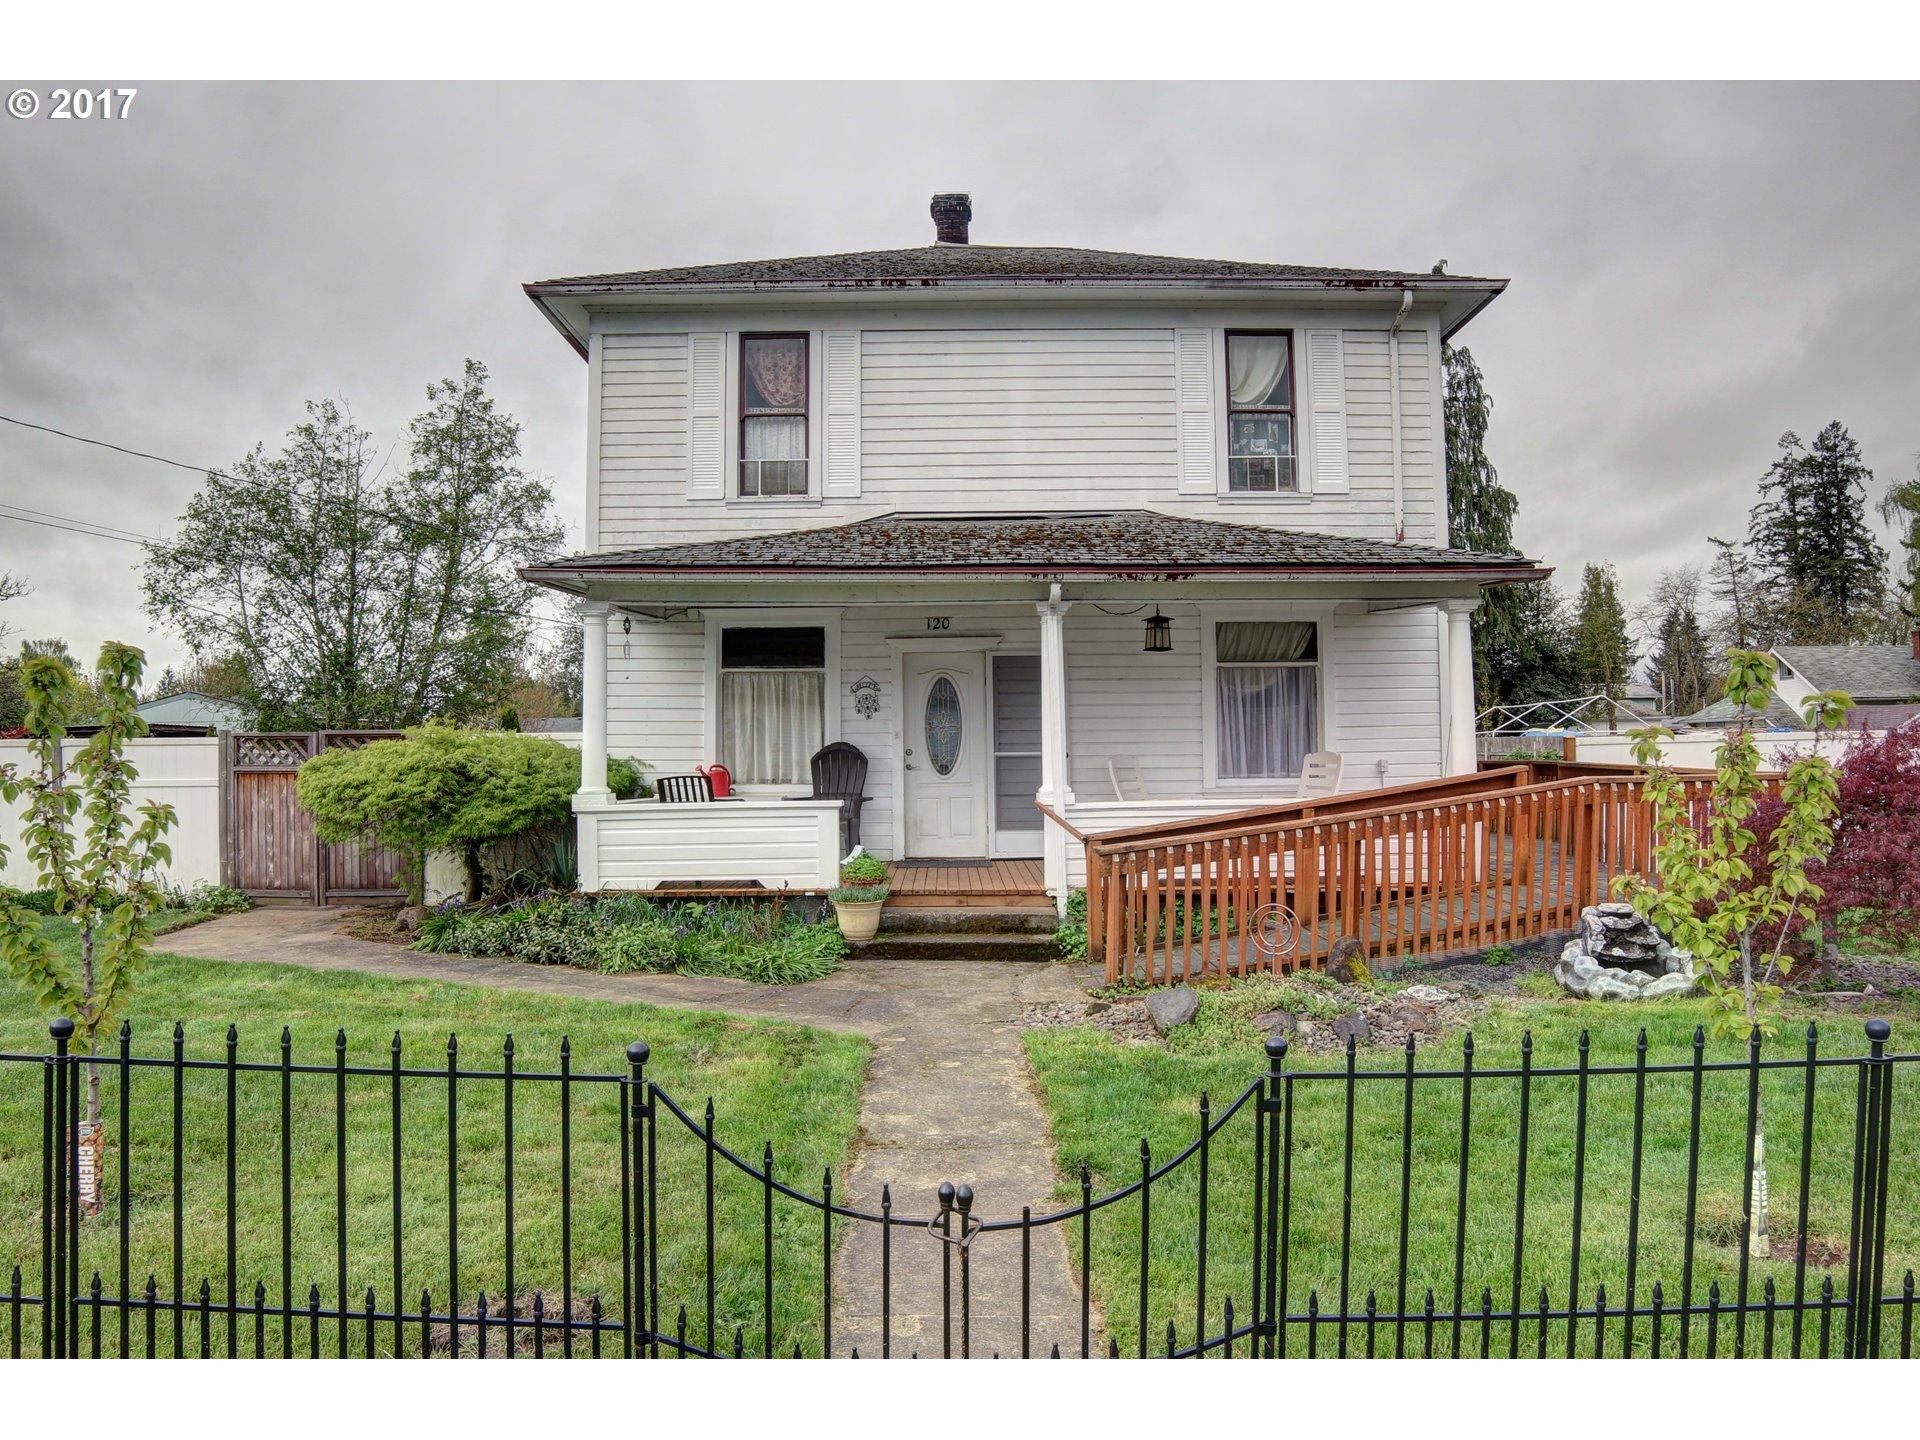 120 5TH ST, Dayton, OR 97114